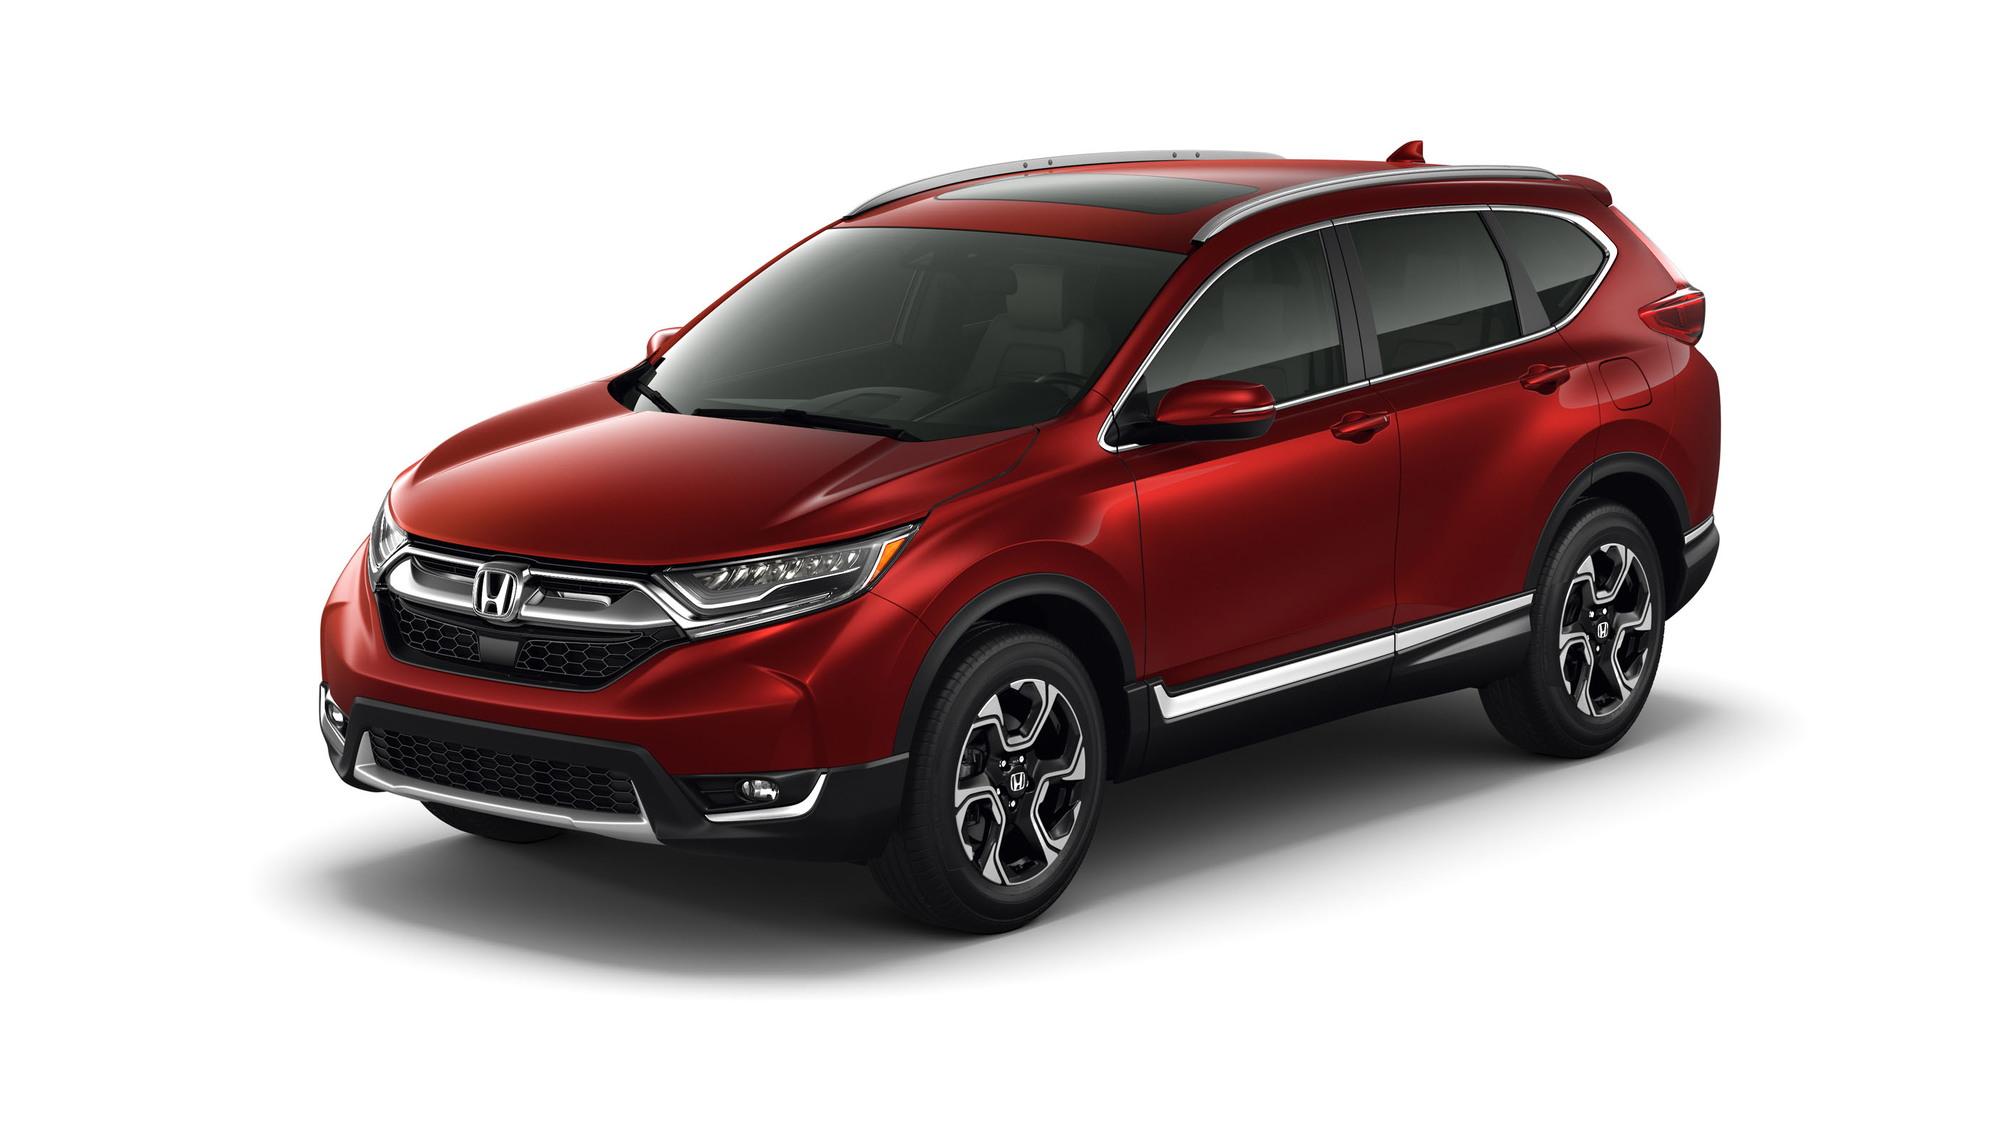 2017 Honda CR-V